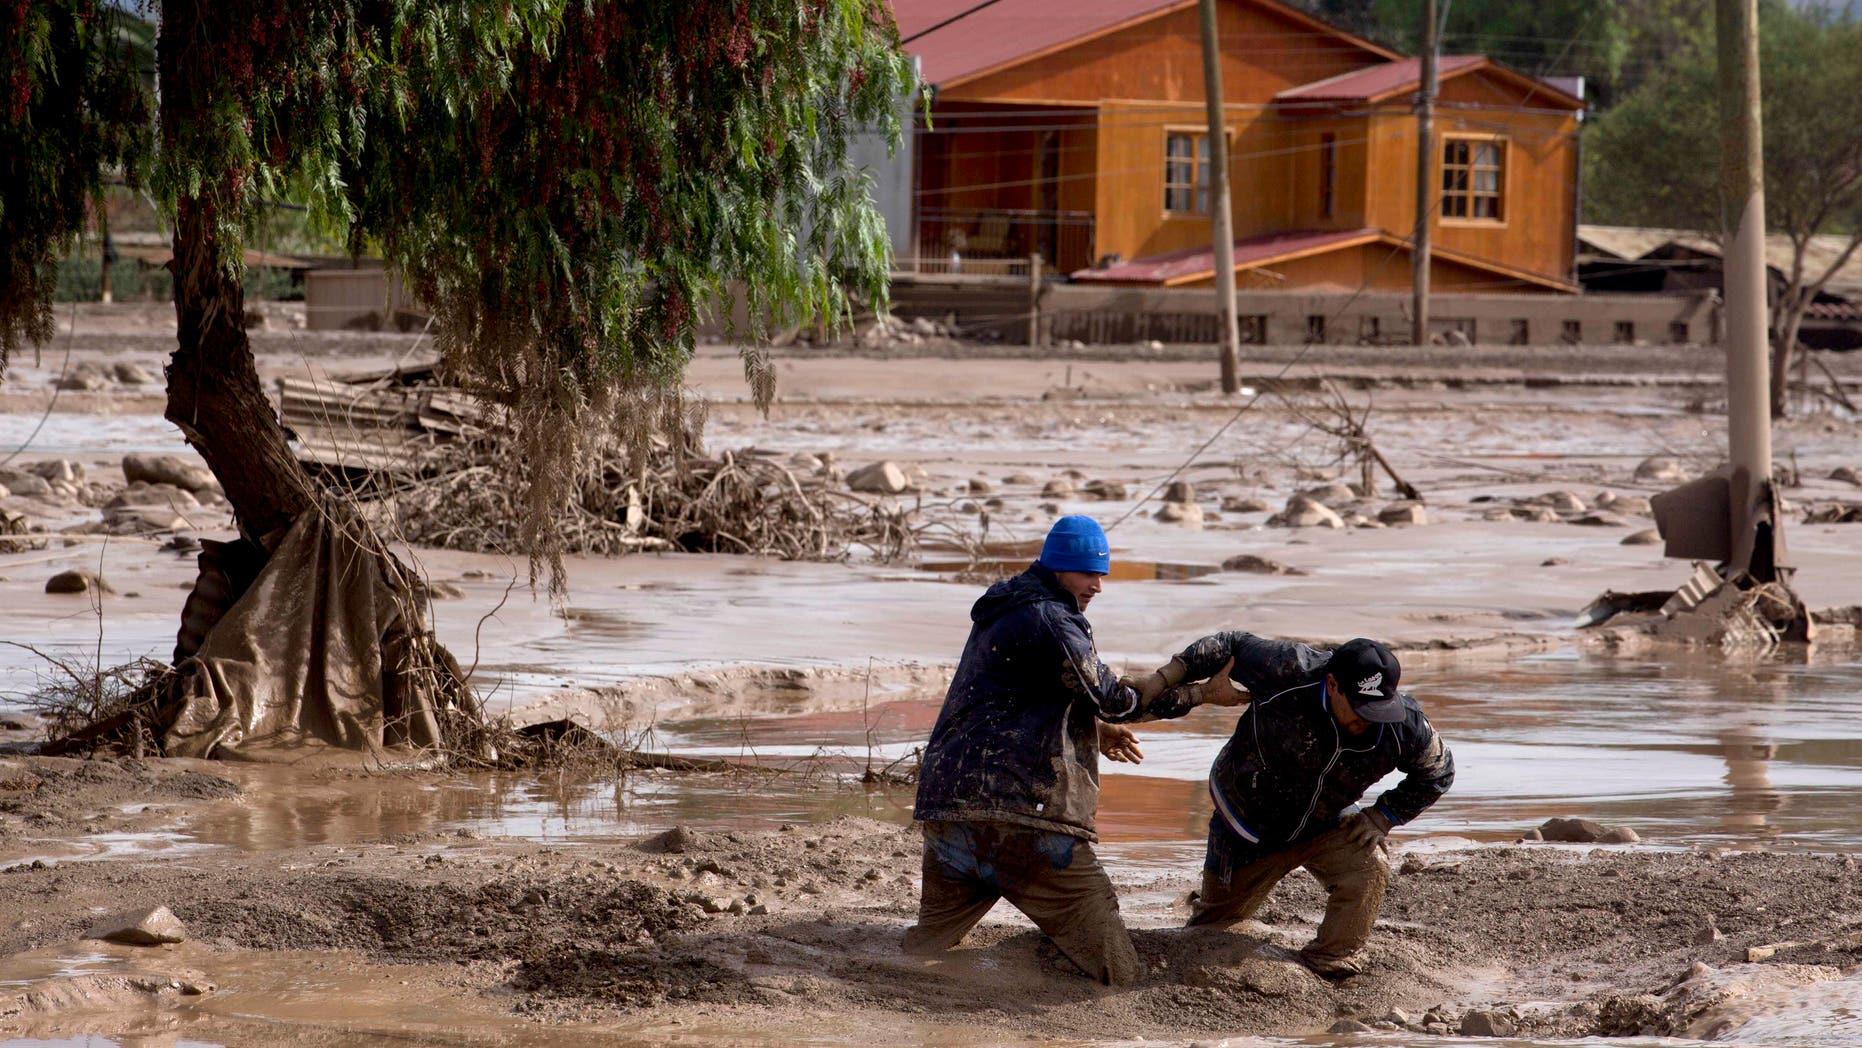 Dos hombres se ayudan entre sí a cruzar una calle cubierta en lodo en Copiapó, Chile, el jueves 26 de marzo de 2015. Inusuales tormentas y lluvias torrenciales que comenzaron el martes, han bloqueado los caminos, provocado fallas eléctricas y afectado a unas 600 personas en esta región habitualmente seca. (Foto AP/Pablo Sanhueza)